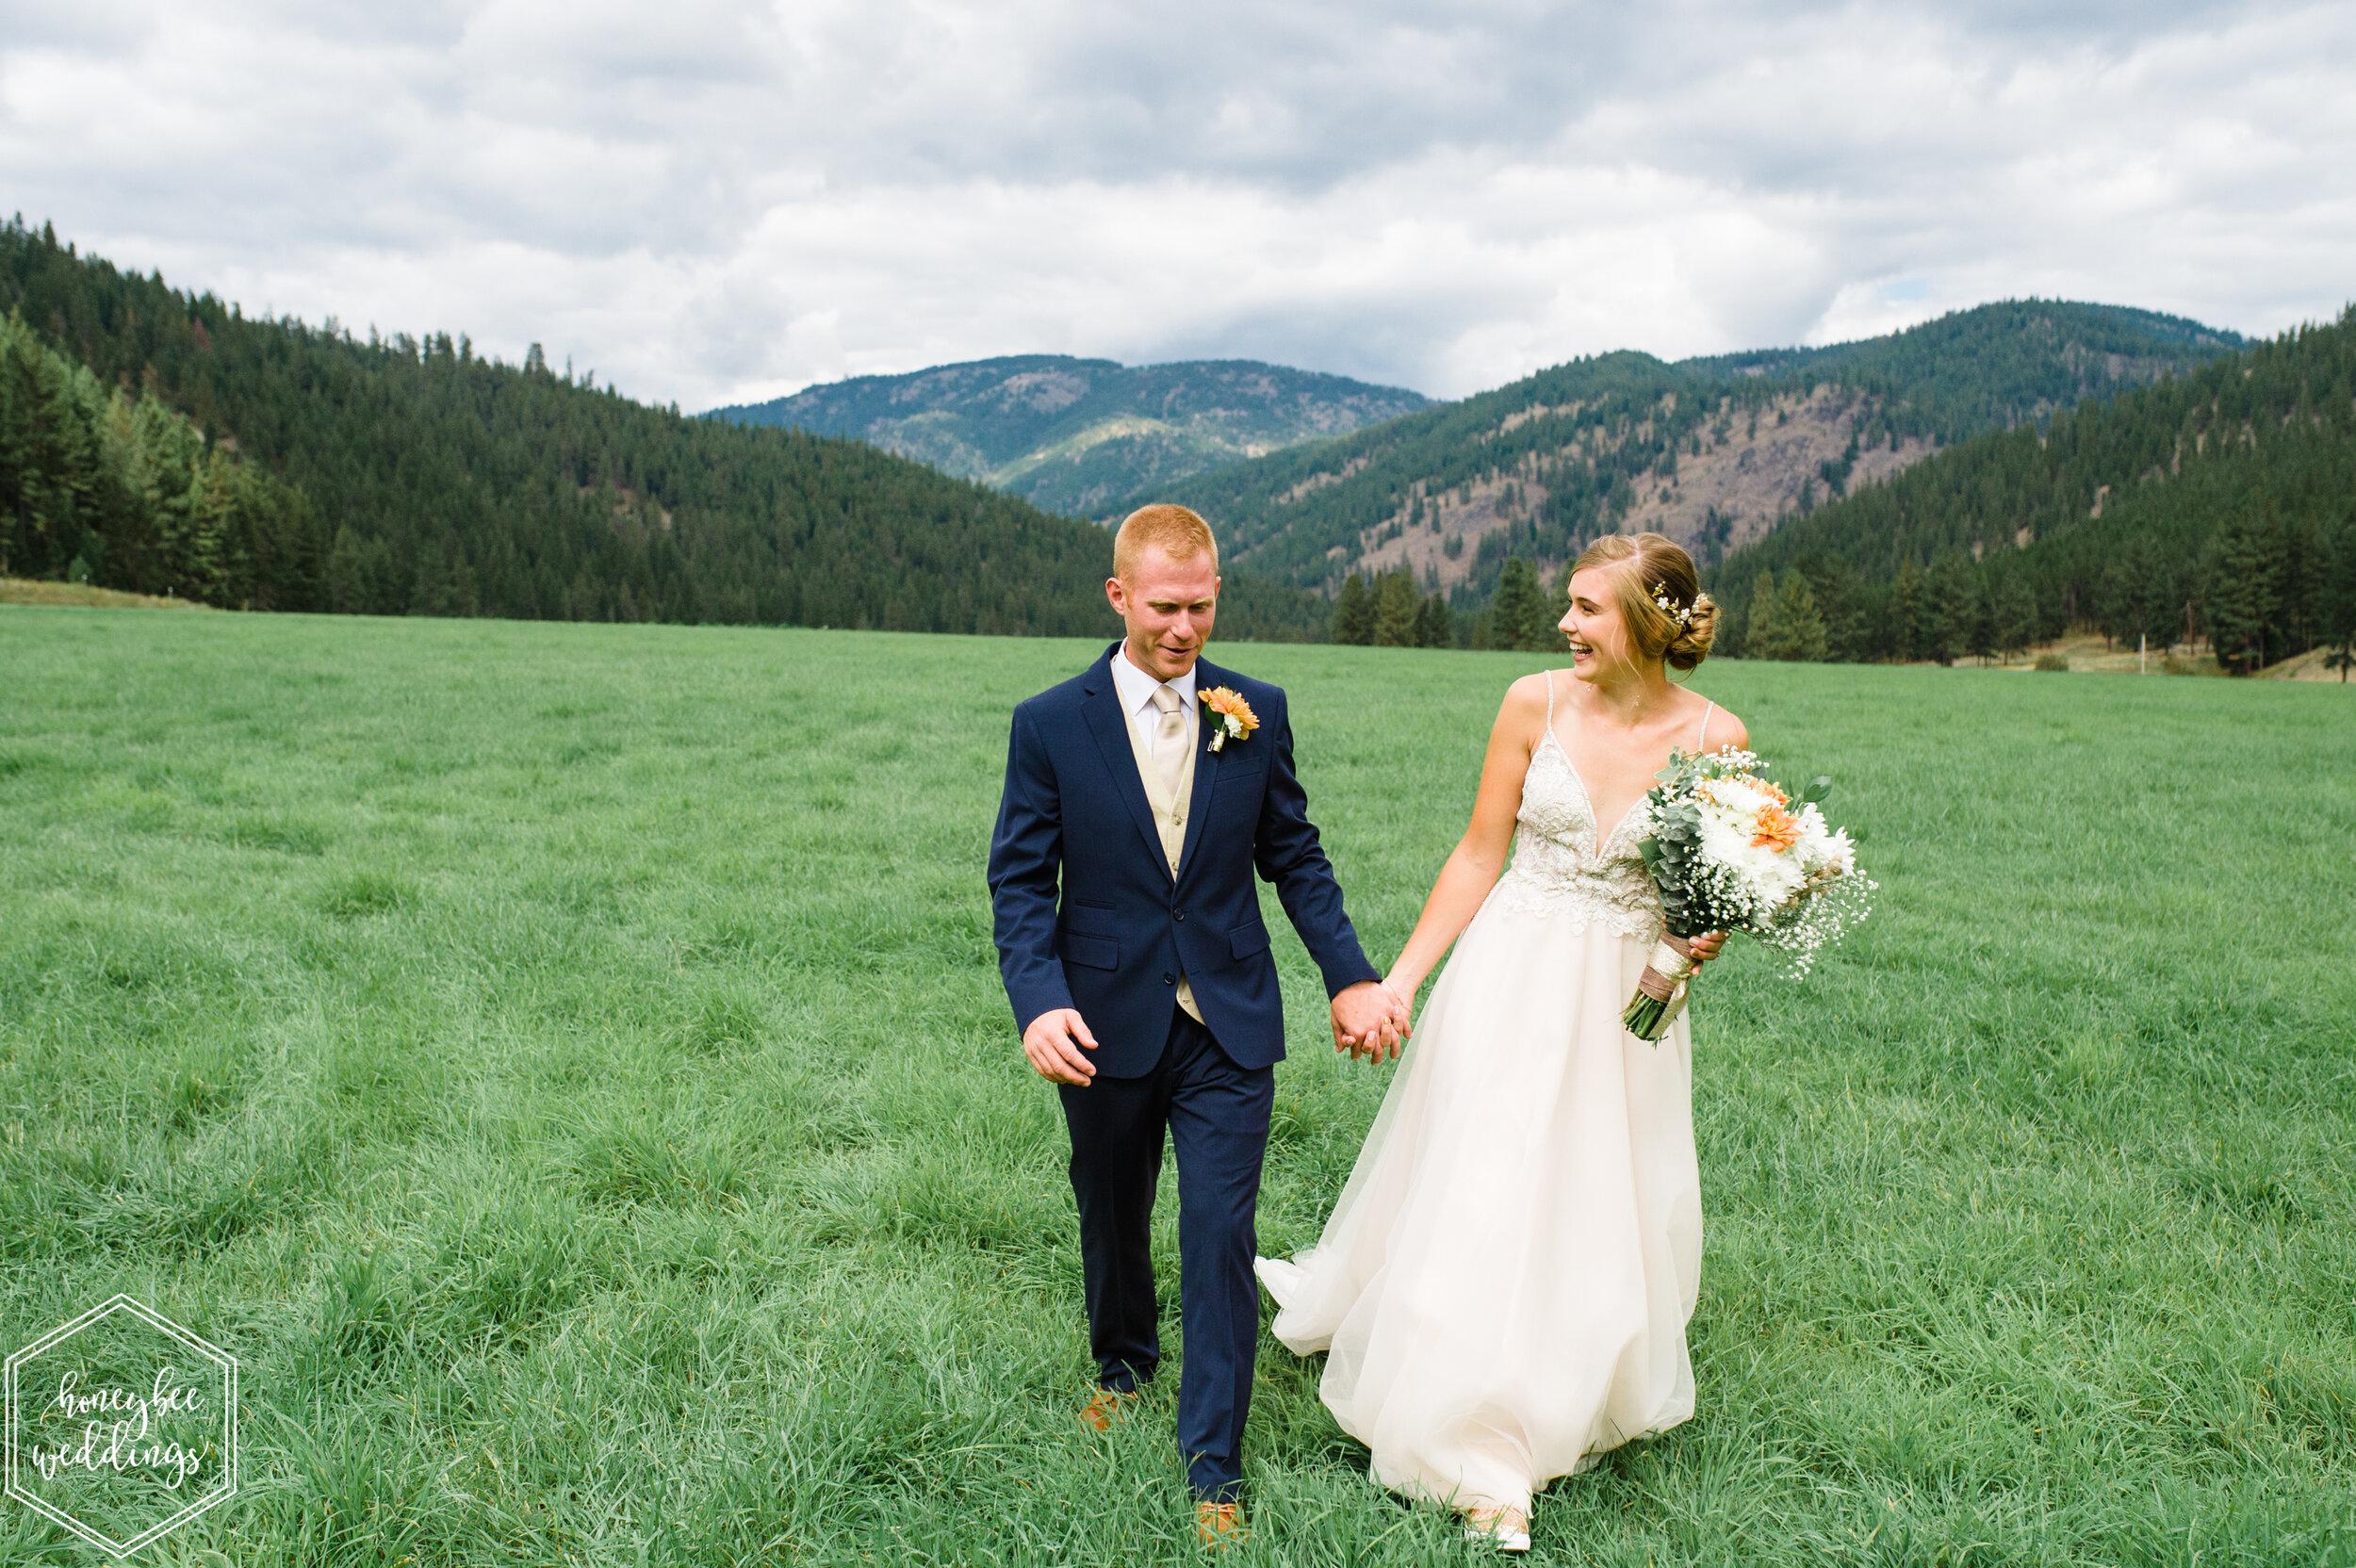 012Seven Mile Meadows Wedding_Montana Wedding Photographer_Jamie & Wes_Honeybee Weddings_September 07, 2019-975.jpg